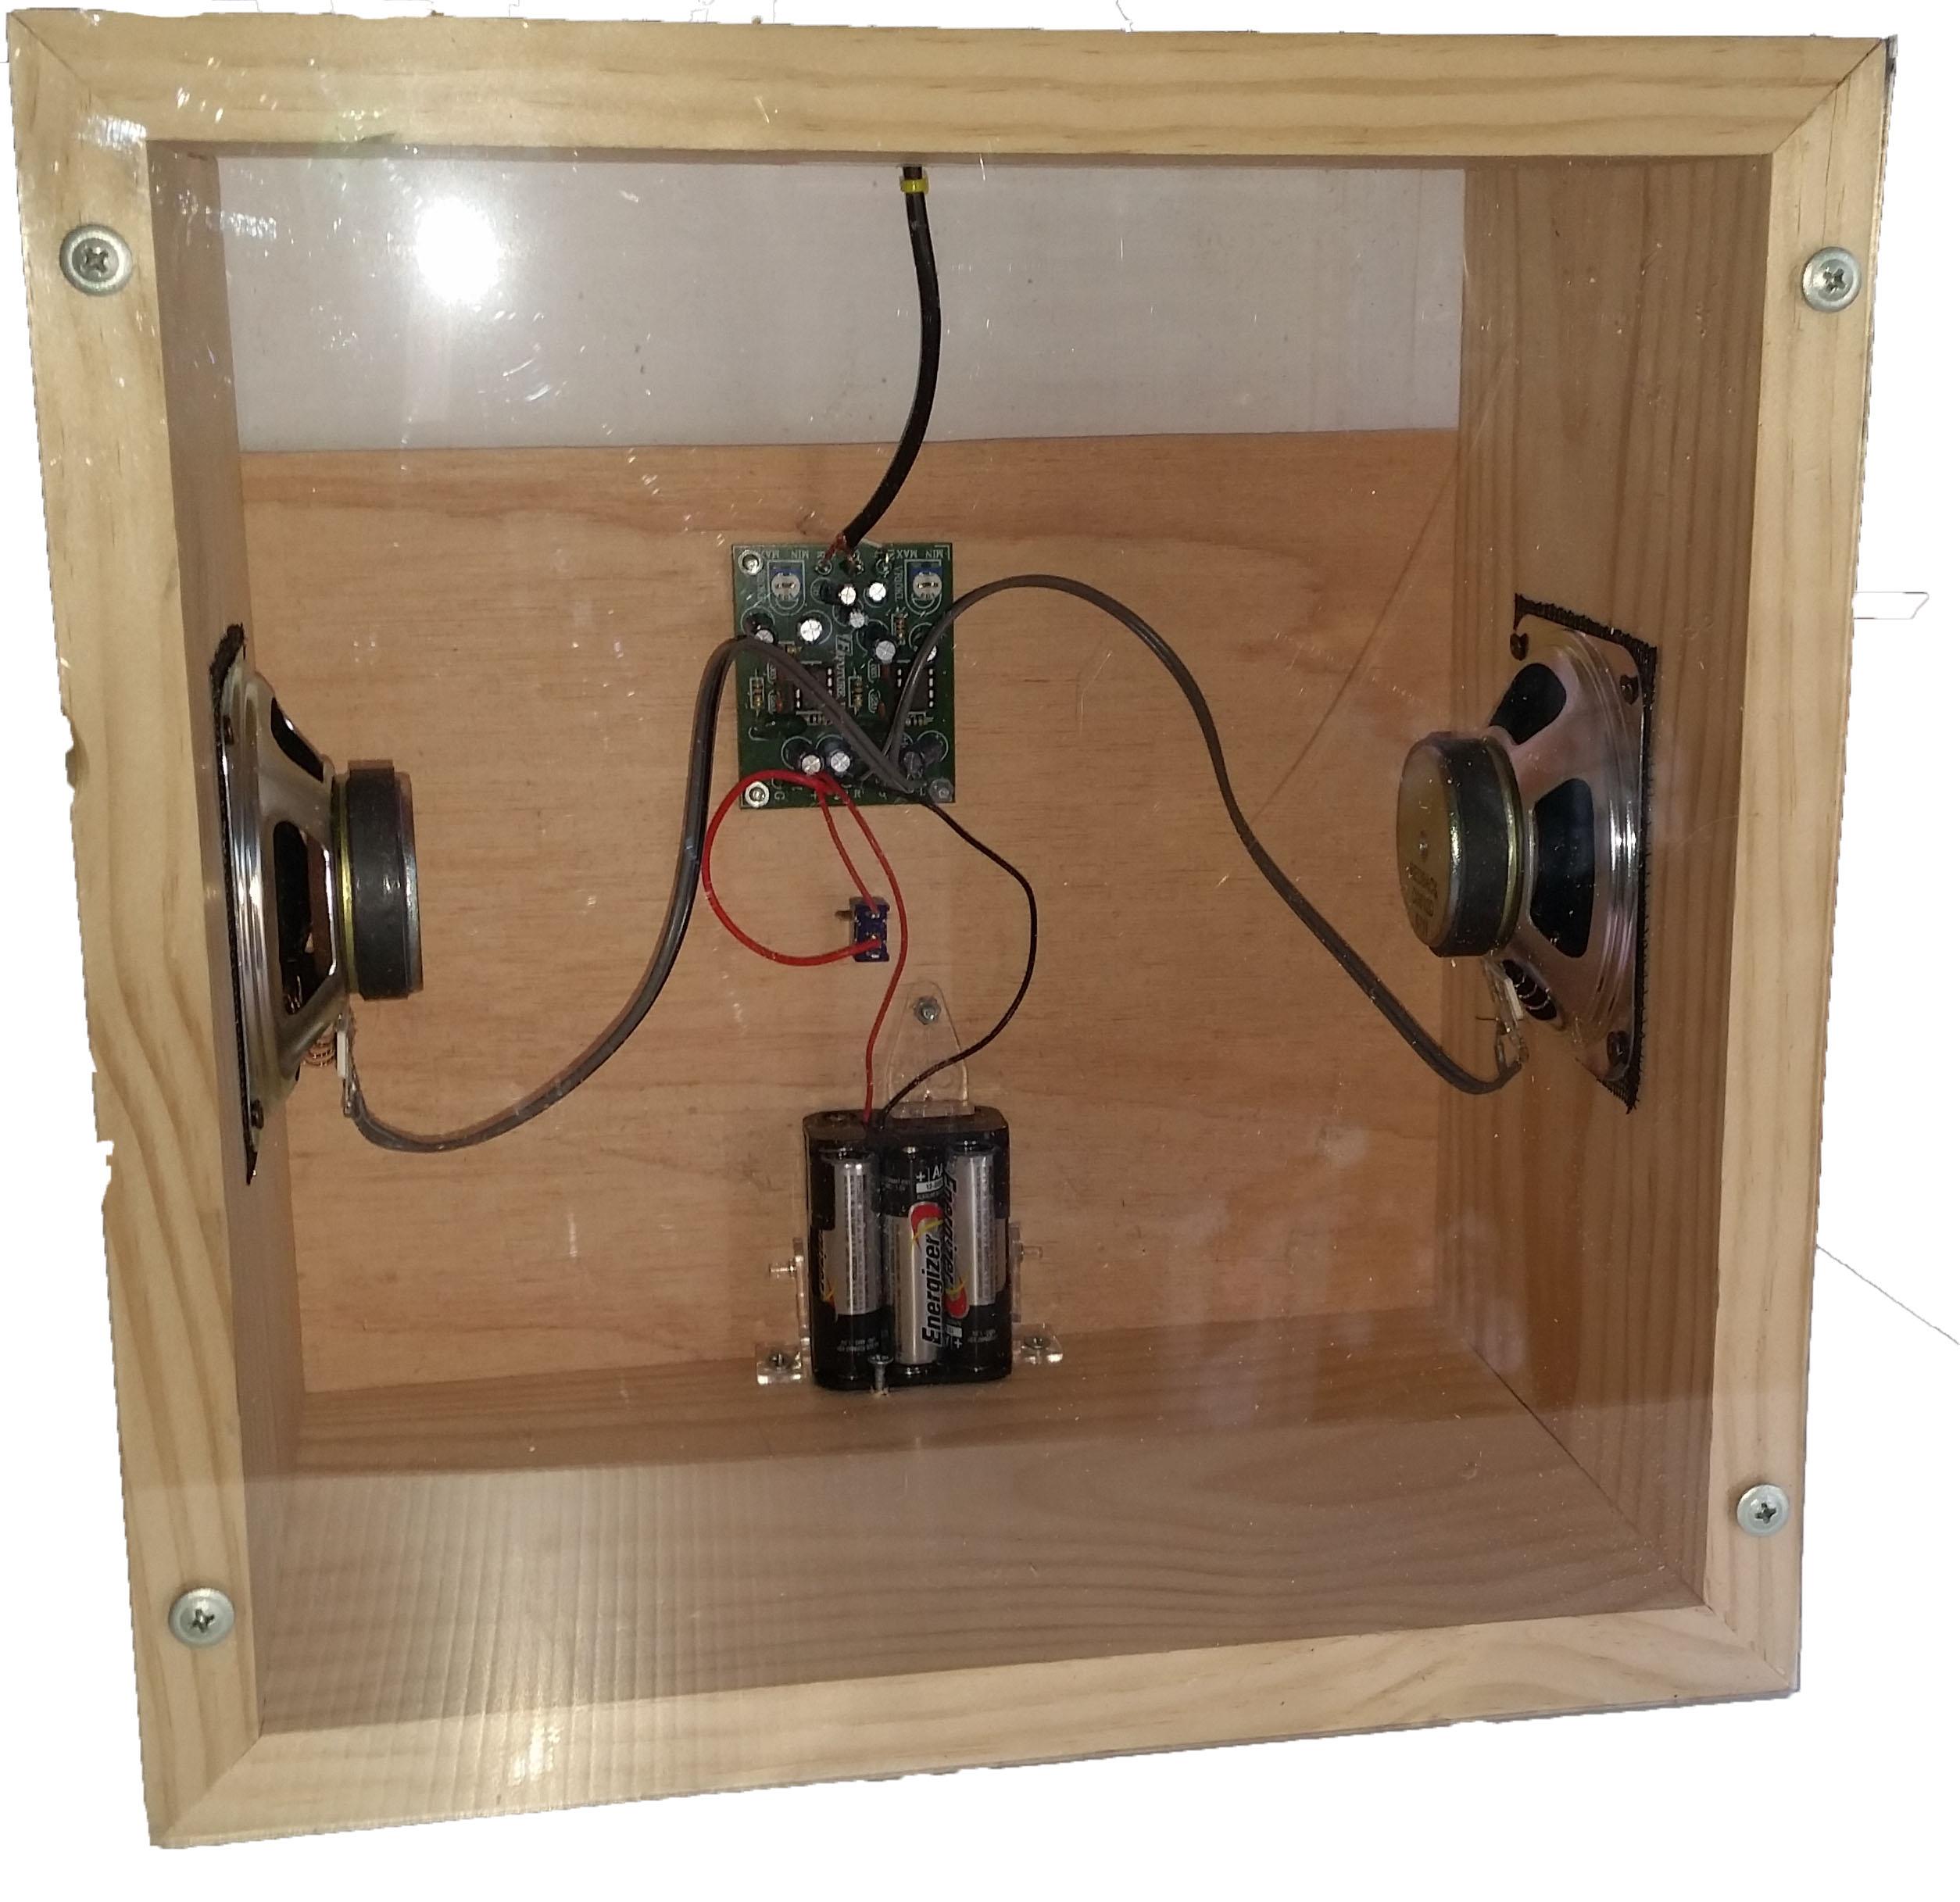 KSBB-01 Boom Box Project (2W Stereo Econo)